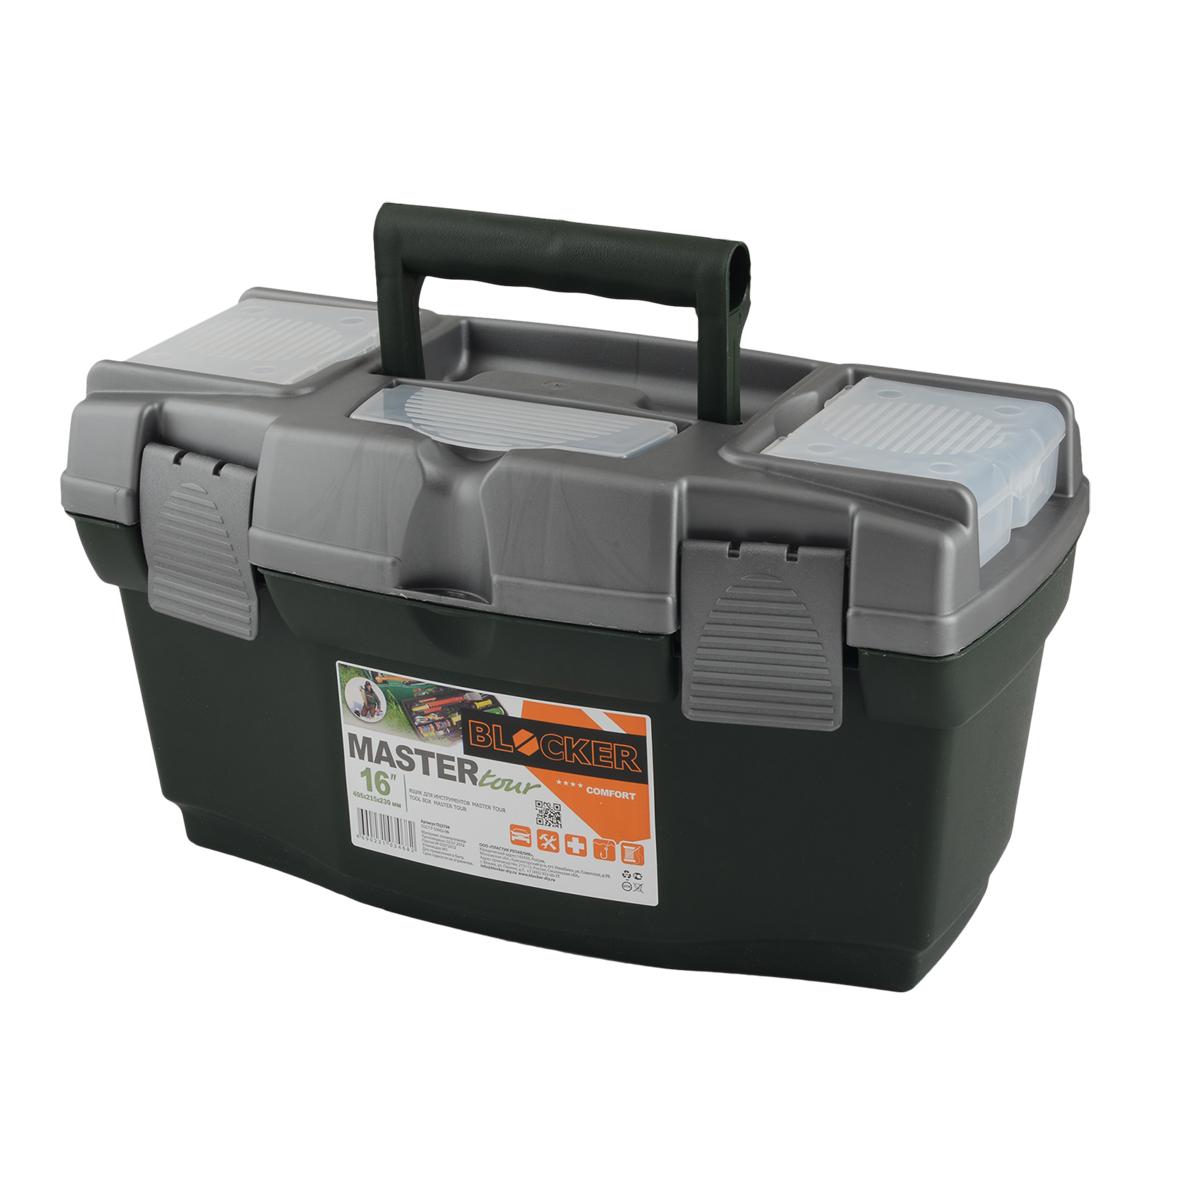 Ящик для инструментов Blocker Master Tour, цвет: темно-зеленый, 405 х 215 х 230 мм80621Многофункциональный ящик Blocker Master Tour отлично подходит для хранения небольших рыболовных и охотничьих принадлежностей, может быть использован для переноски мангала, посуды и многих вещей, которые могут понадобиться на отдыхе или в путешествии. Ящик имеет надежные замки и встроенные органайзеры в крышке для размещения мелких деталей.